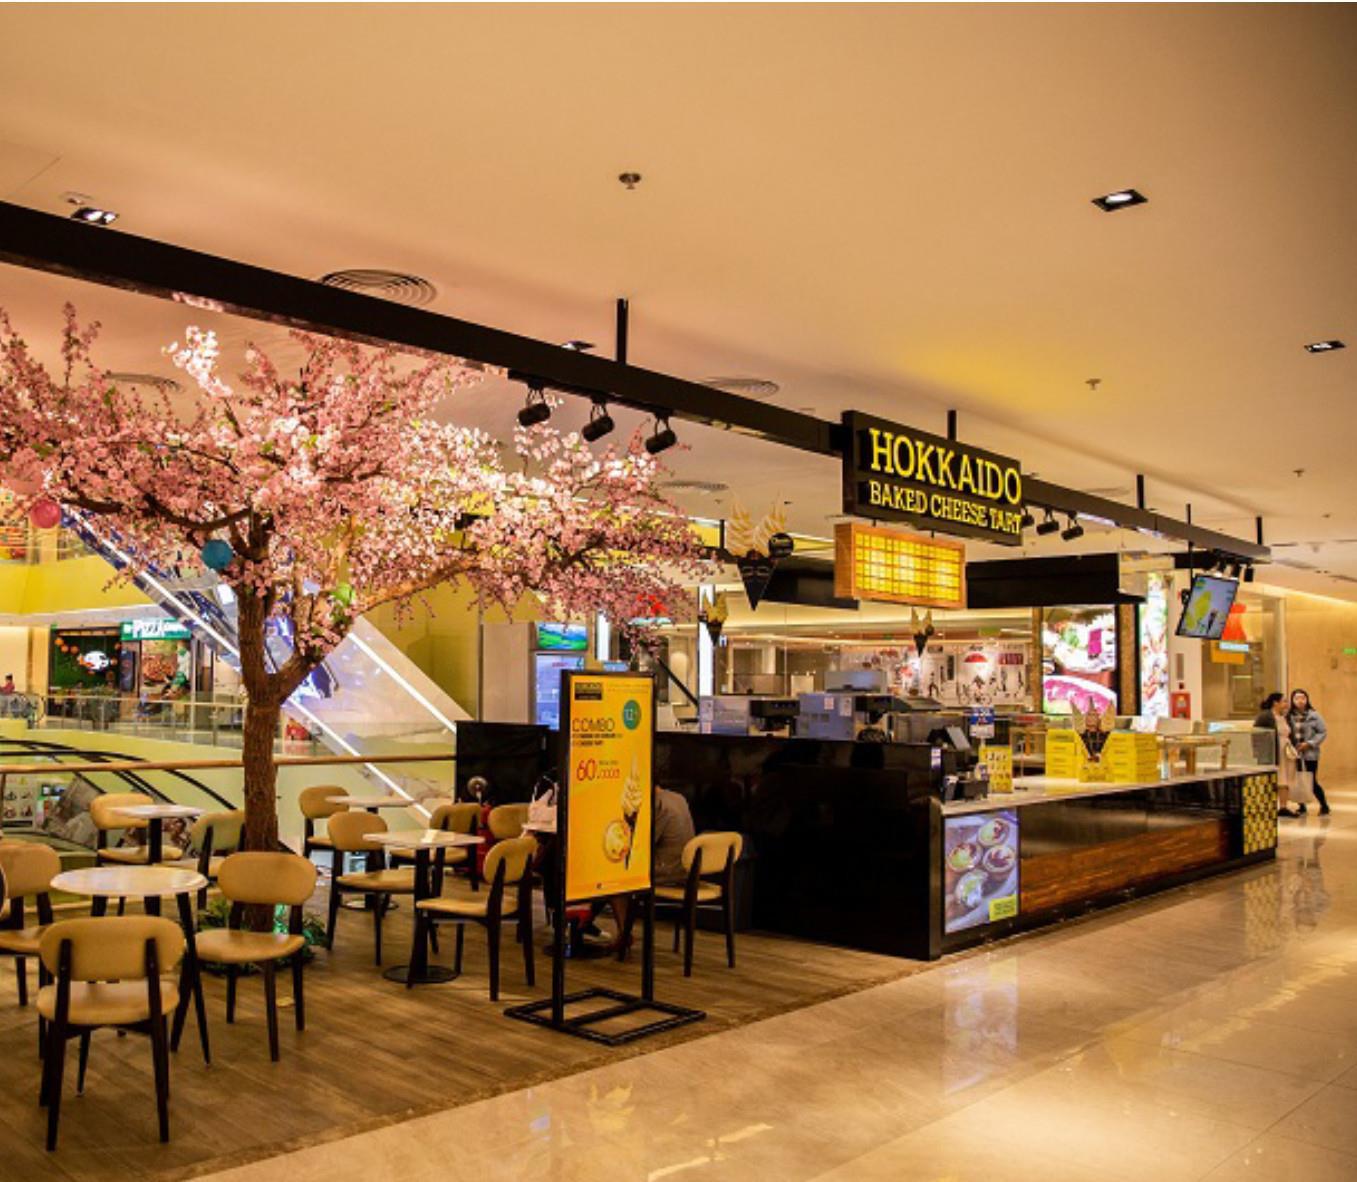 Loạt ưu đãi lớn kỷ niệm sinh nhật hệ thống bánh và kem phô mai Hokkaido - Ảnh 1.